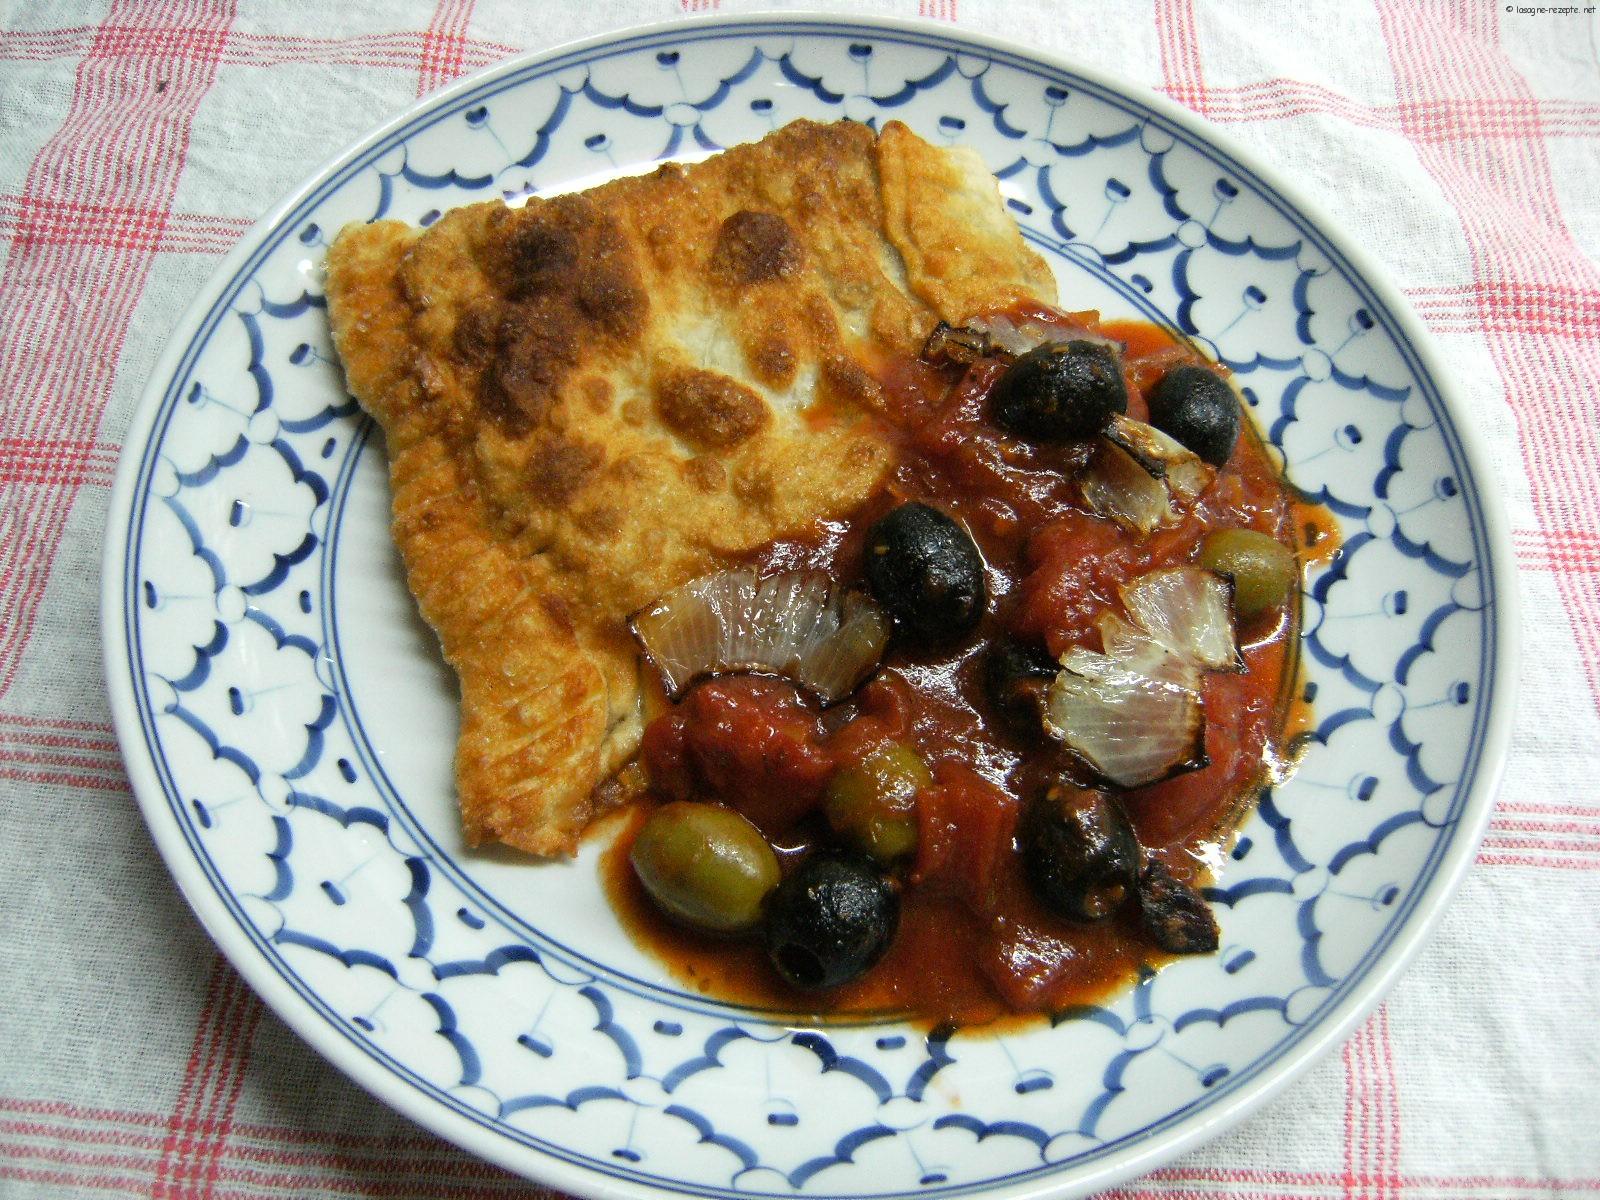 fertige Nudeltaschen mit einer Tomaten-Olivensauce